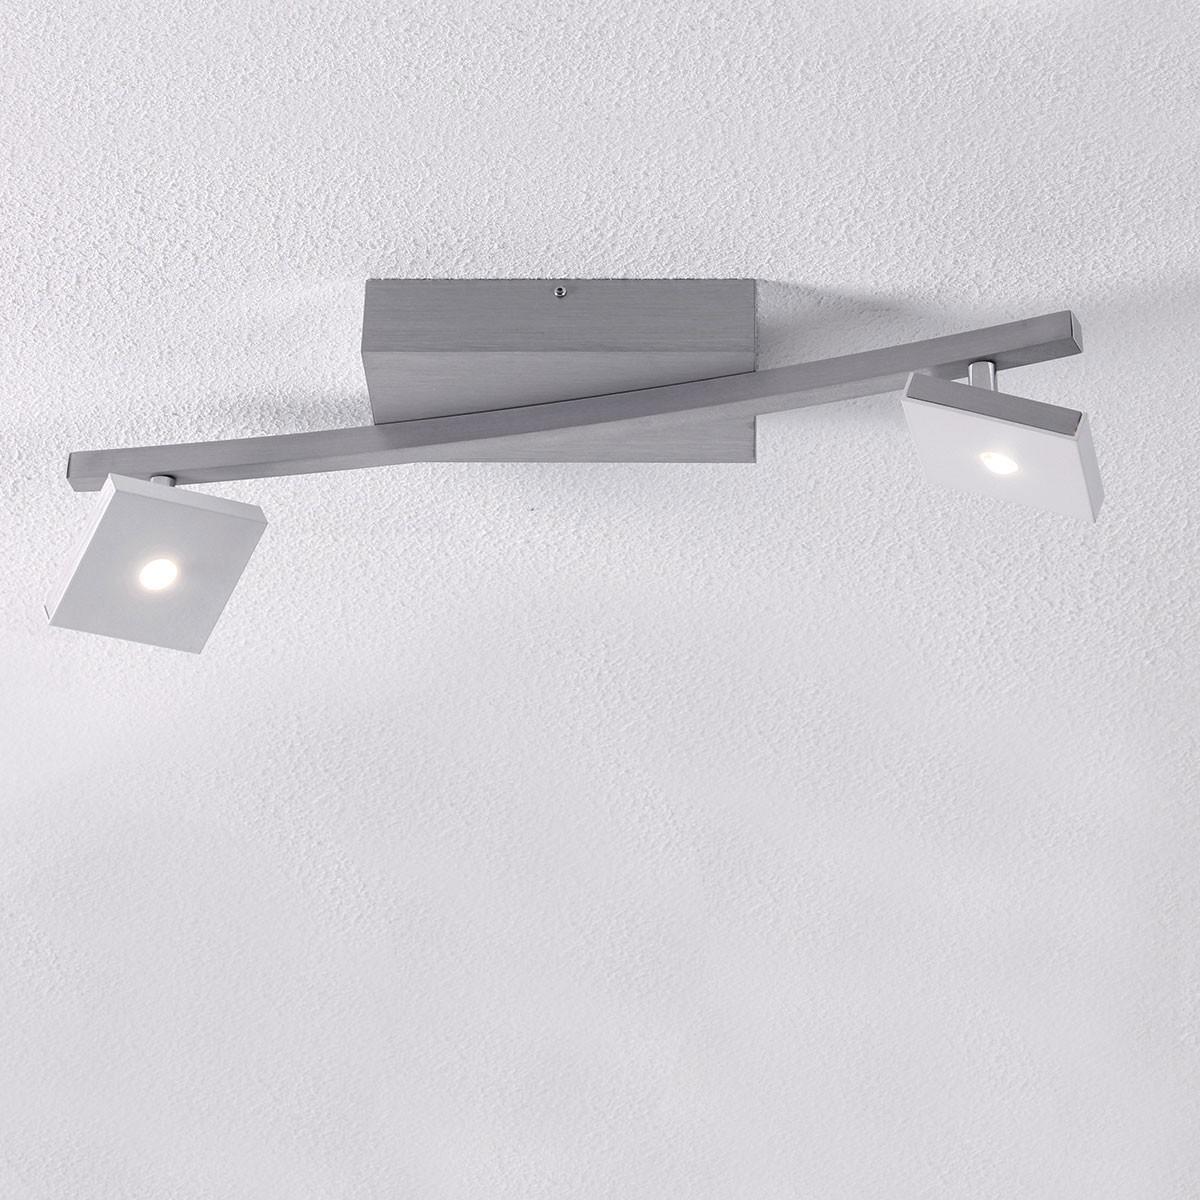 Bopp Domino Deckenleuchte, 2-flg., Aluminium geschliffen - weiß